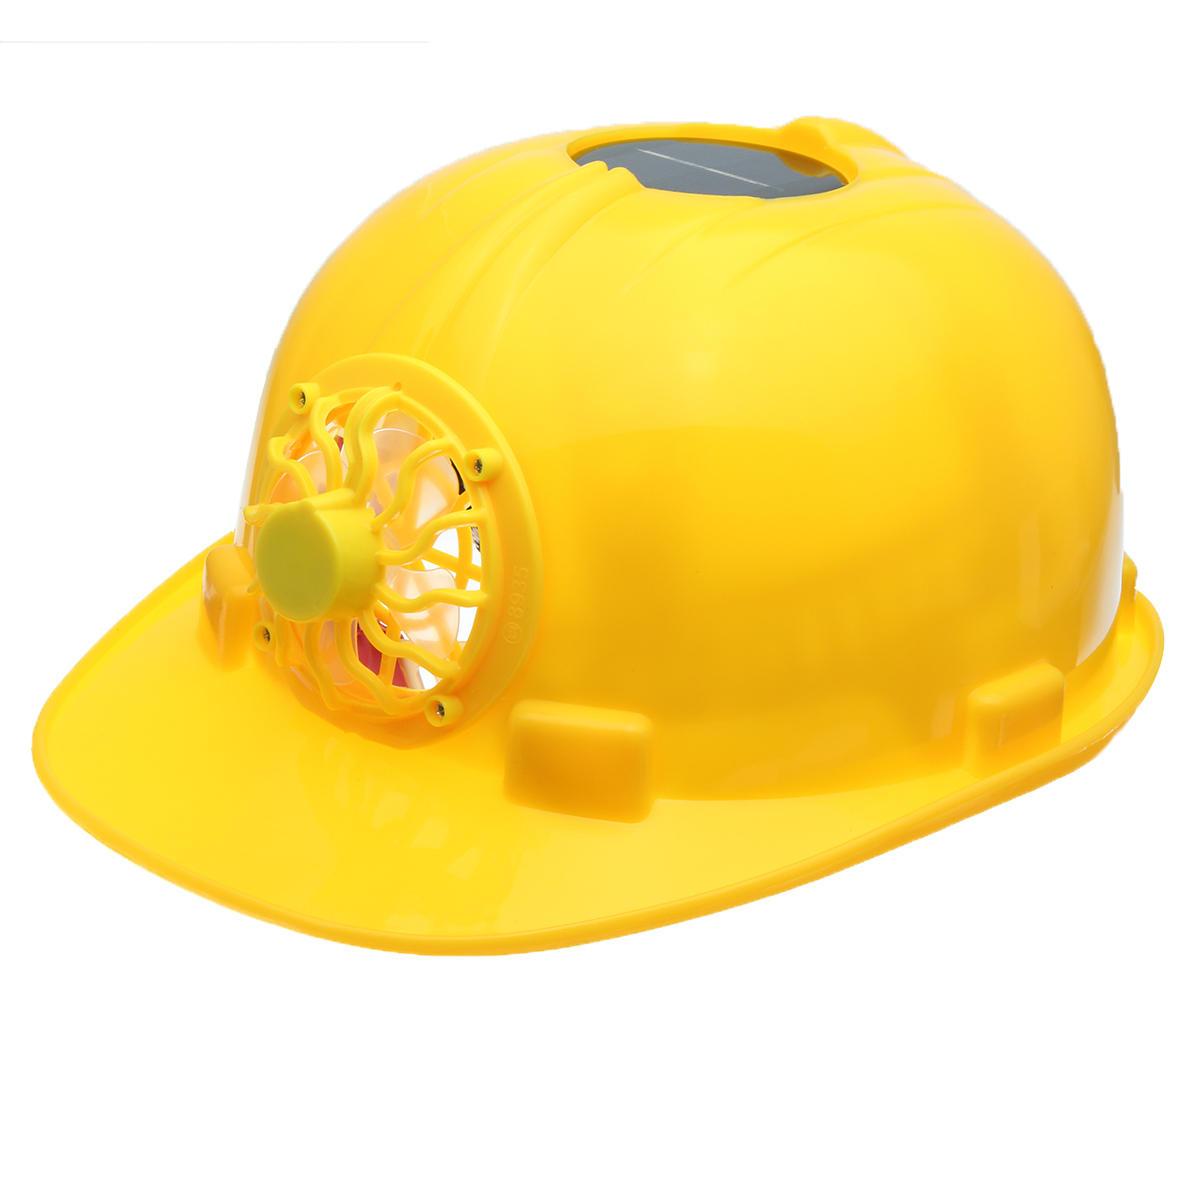 Amarillo Solar Fuerza Casco De Seguridad Trabajo Duro